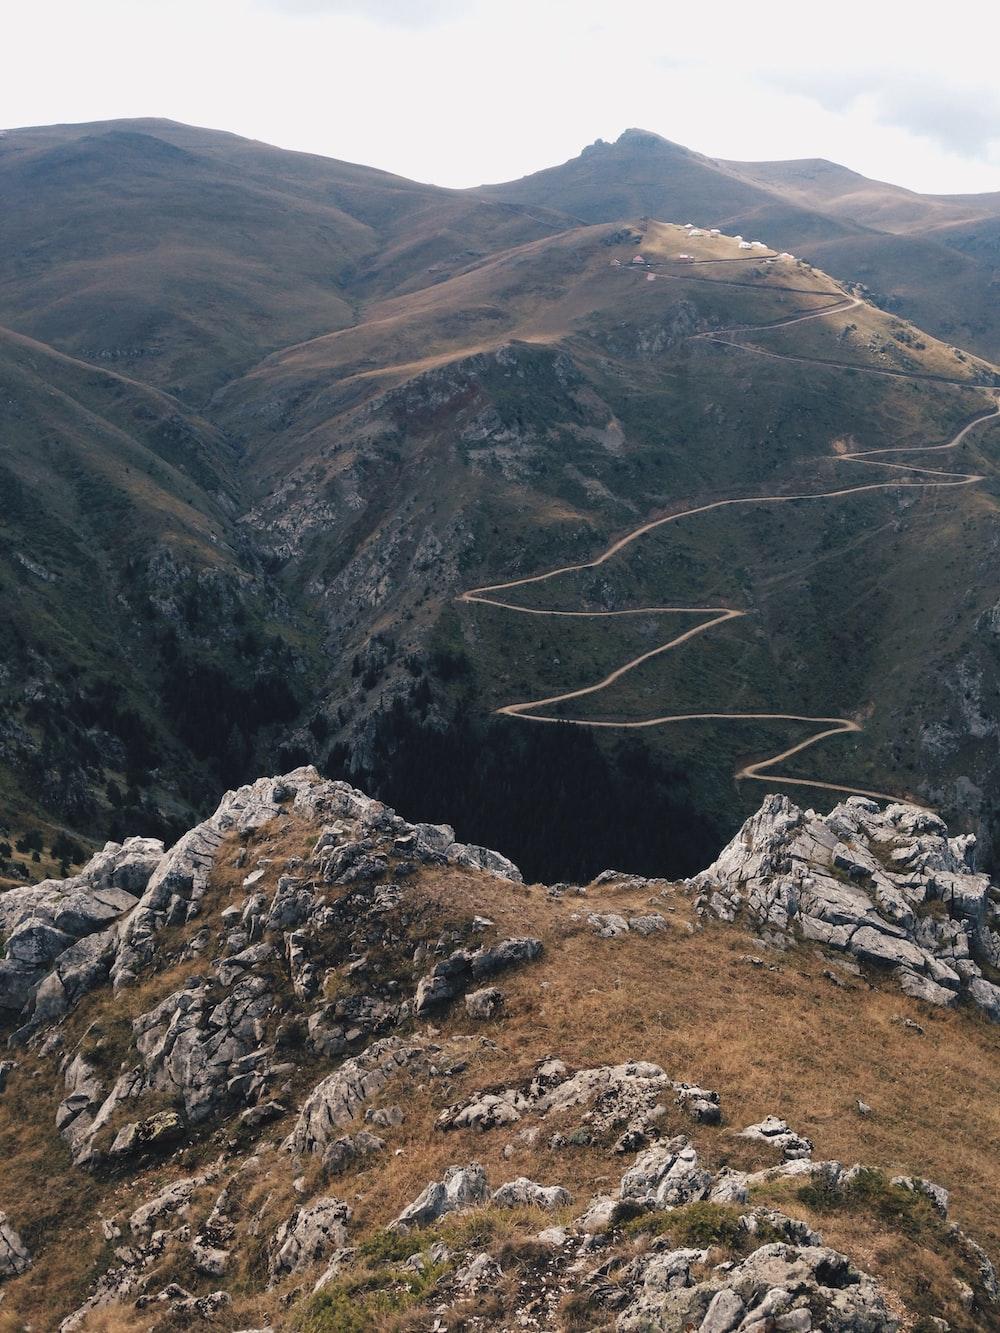 zig-zag road on mountain